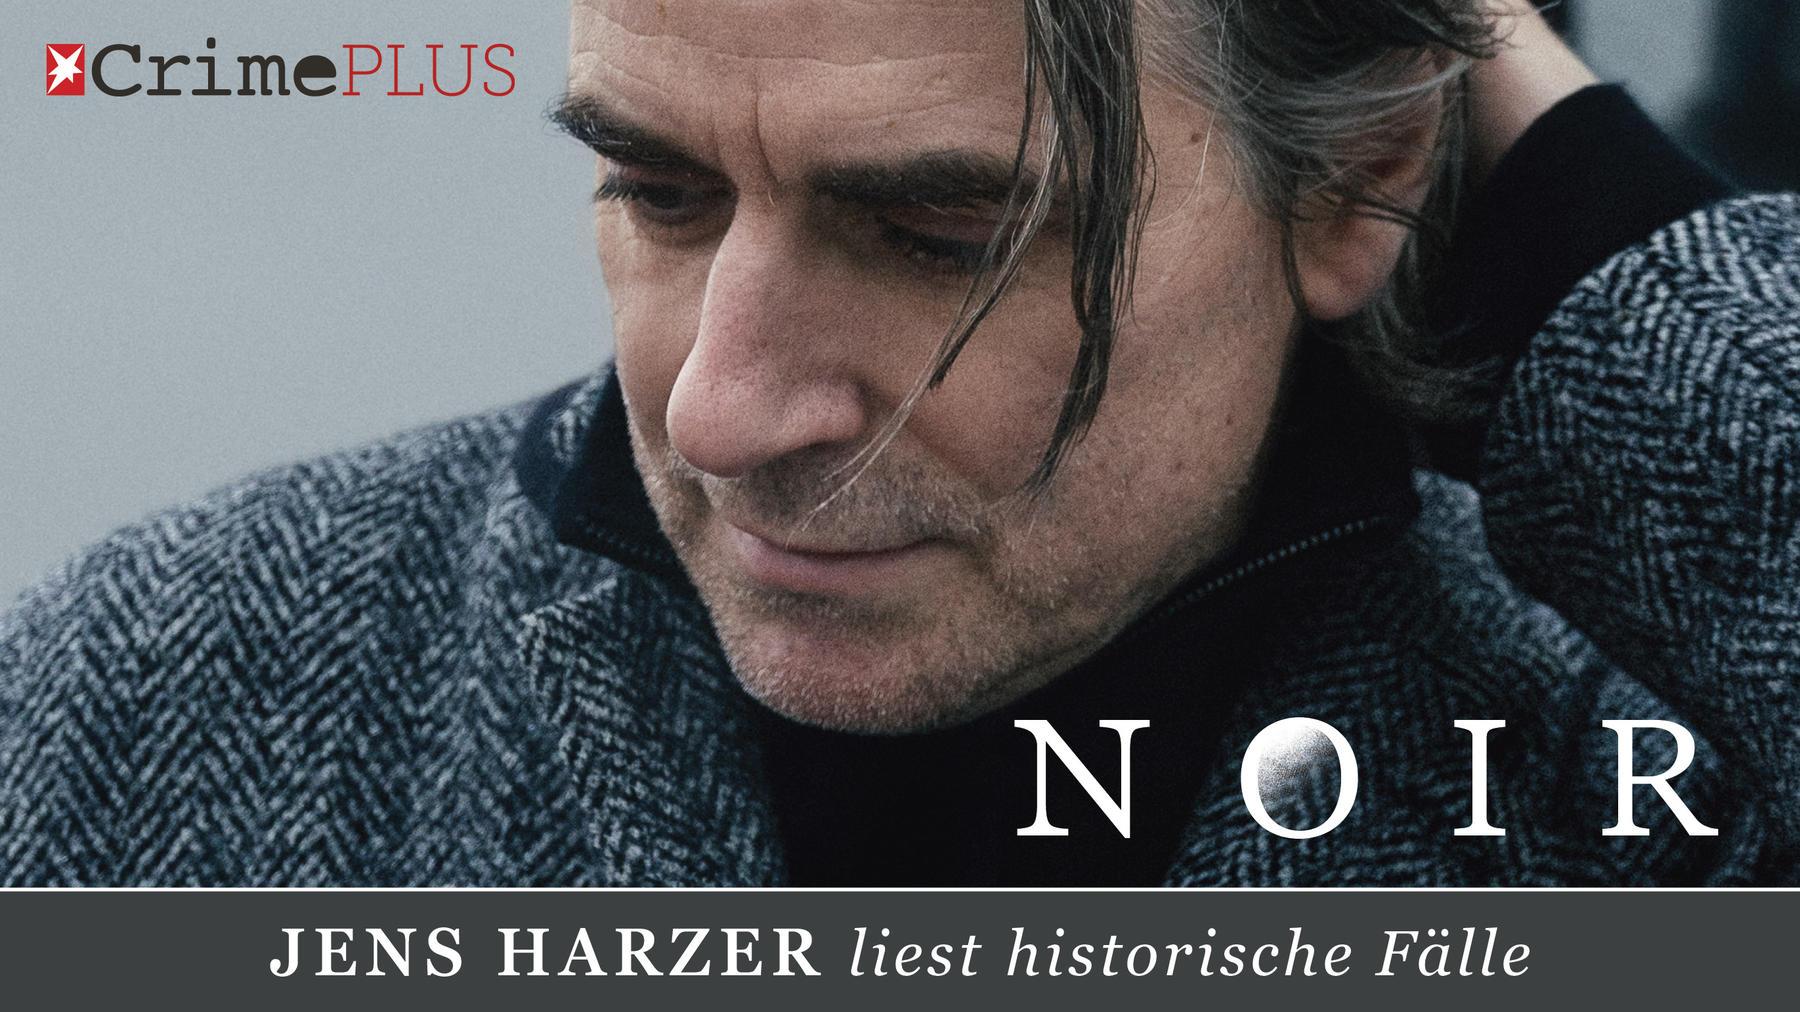 stern CRIME PLUS:  NOIR - historische Kriminalfälle, gelesen von Jens Harzer